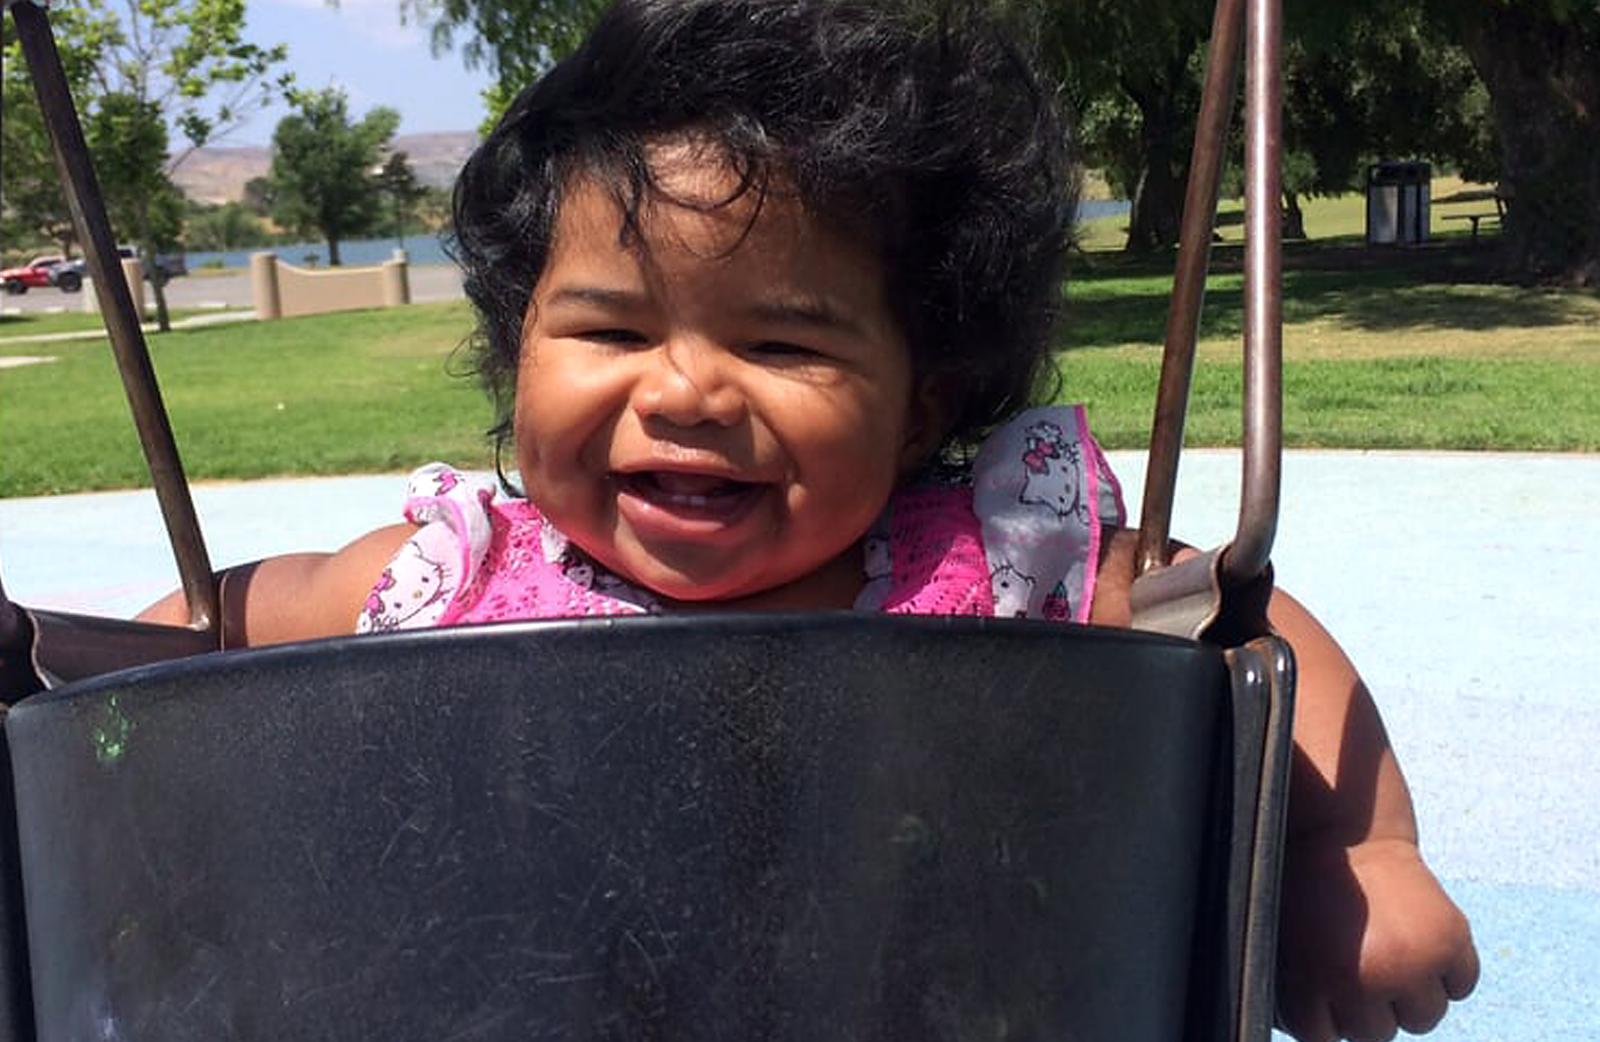 A smiling girl toddler swinging at Prado park.